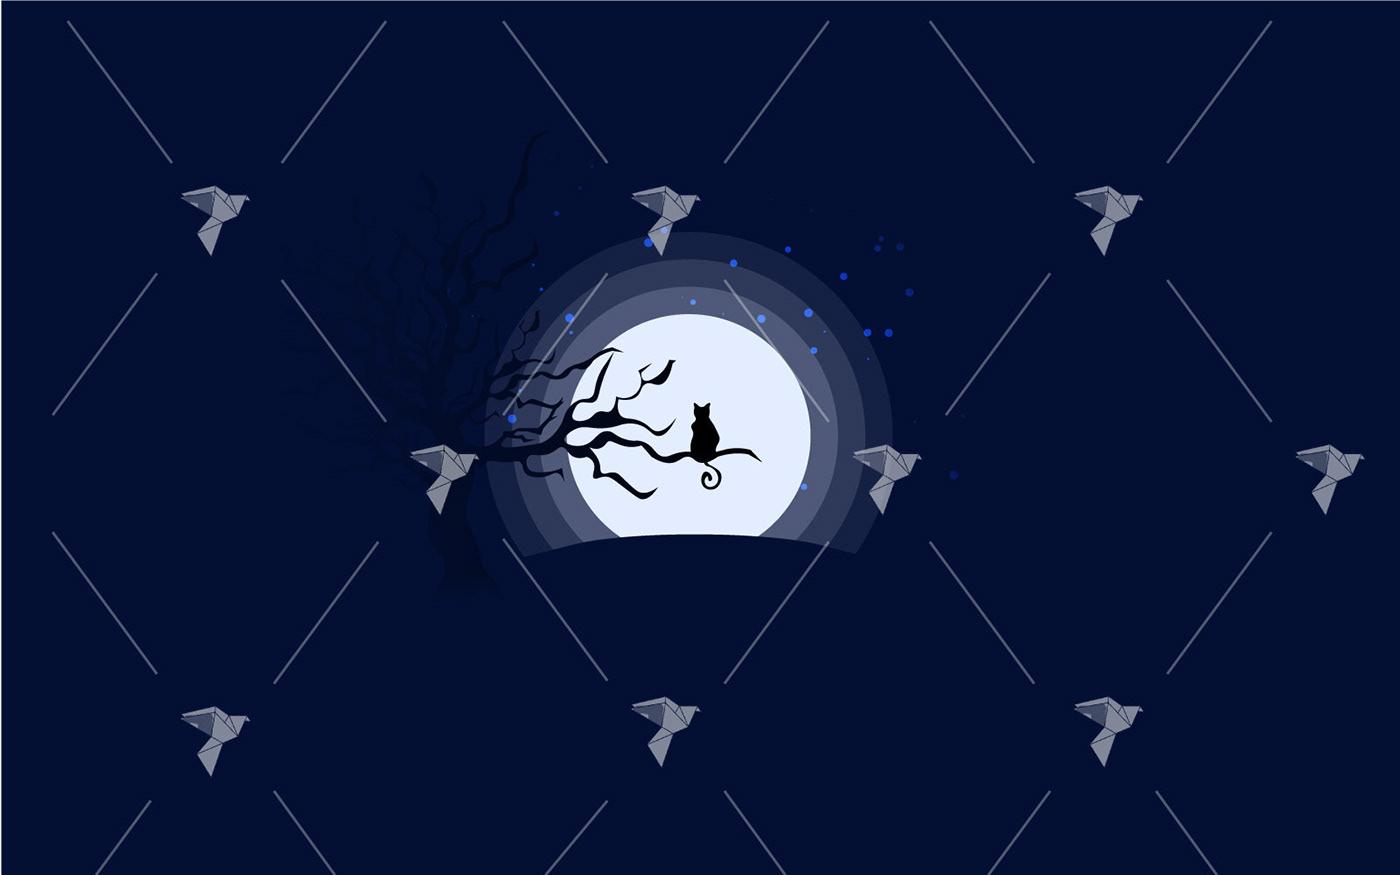 Cat dark felin ILLUSTRATION  Illustrator moon moonlight night Pet Tree